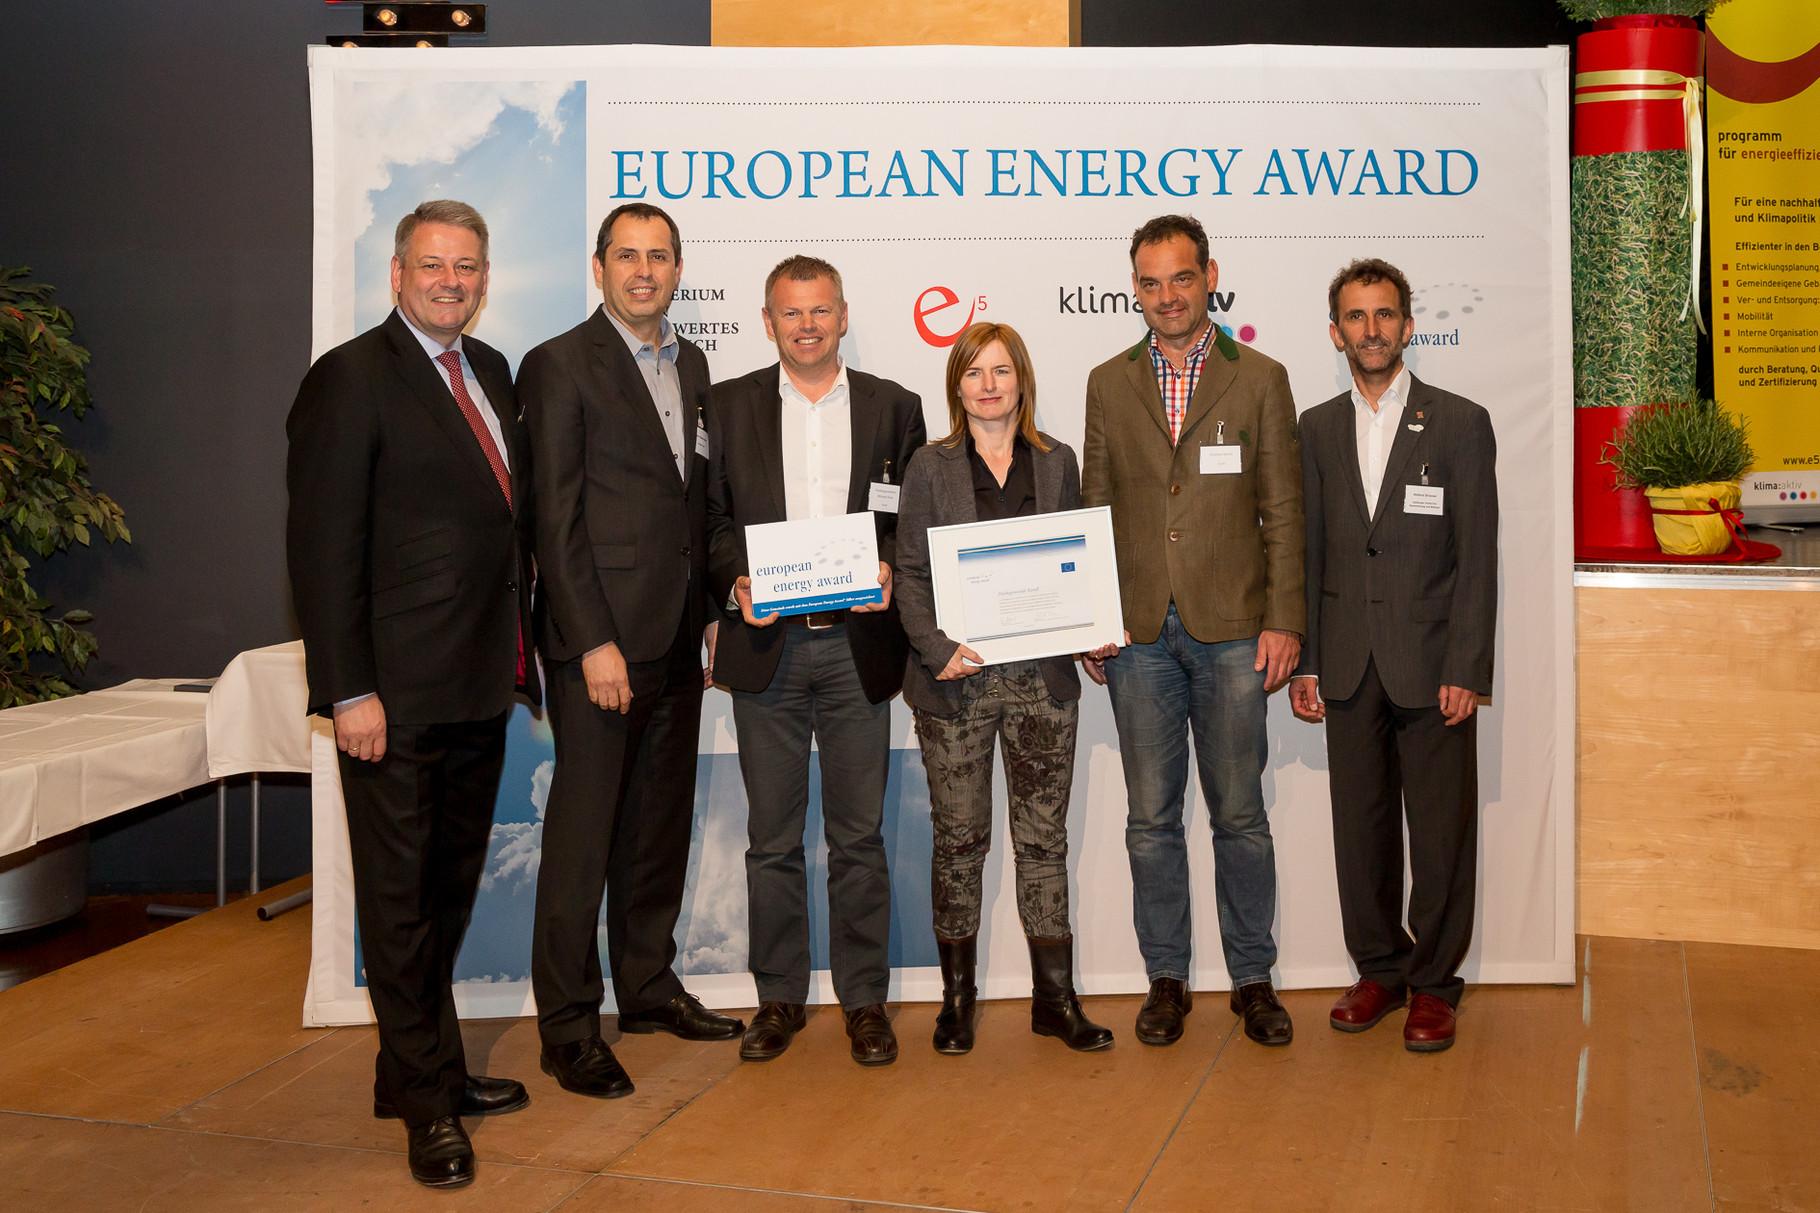 höchste Auszeichnung auf europäischer Ebene für Kundl